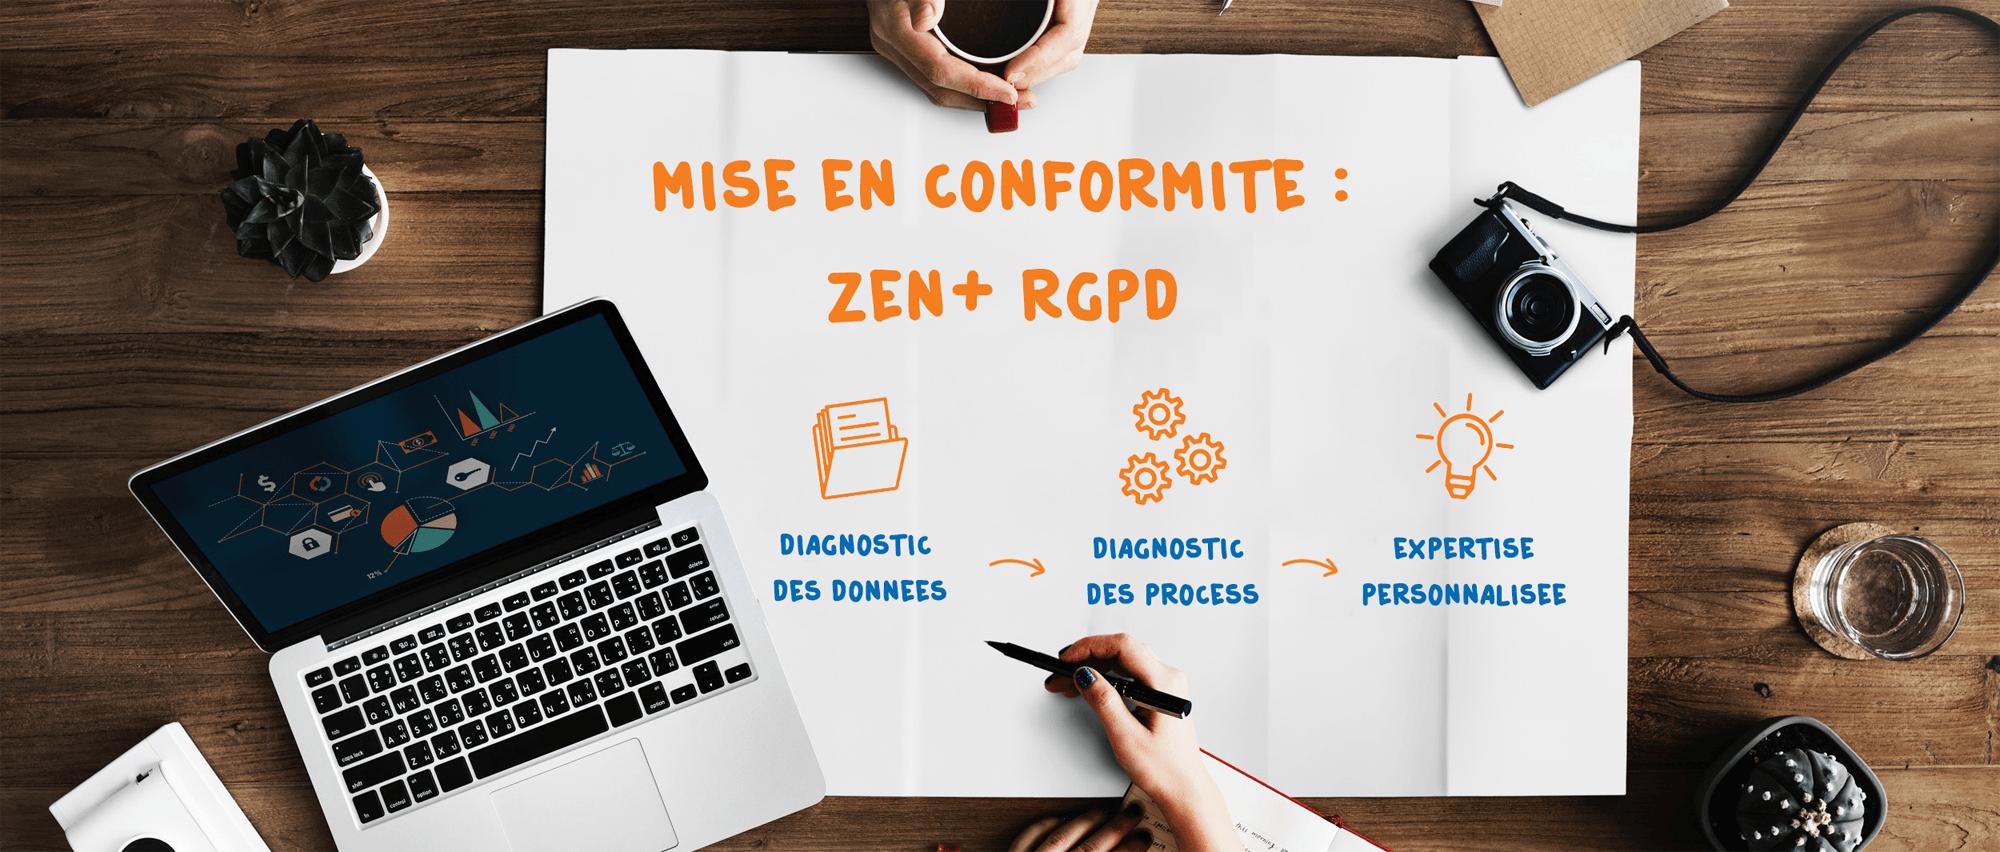 Processus du Diagnostic Zen+ RGPD Alsace